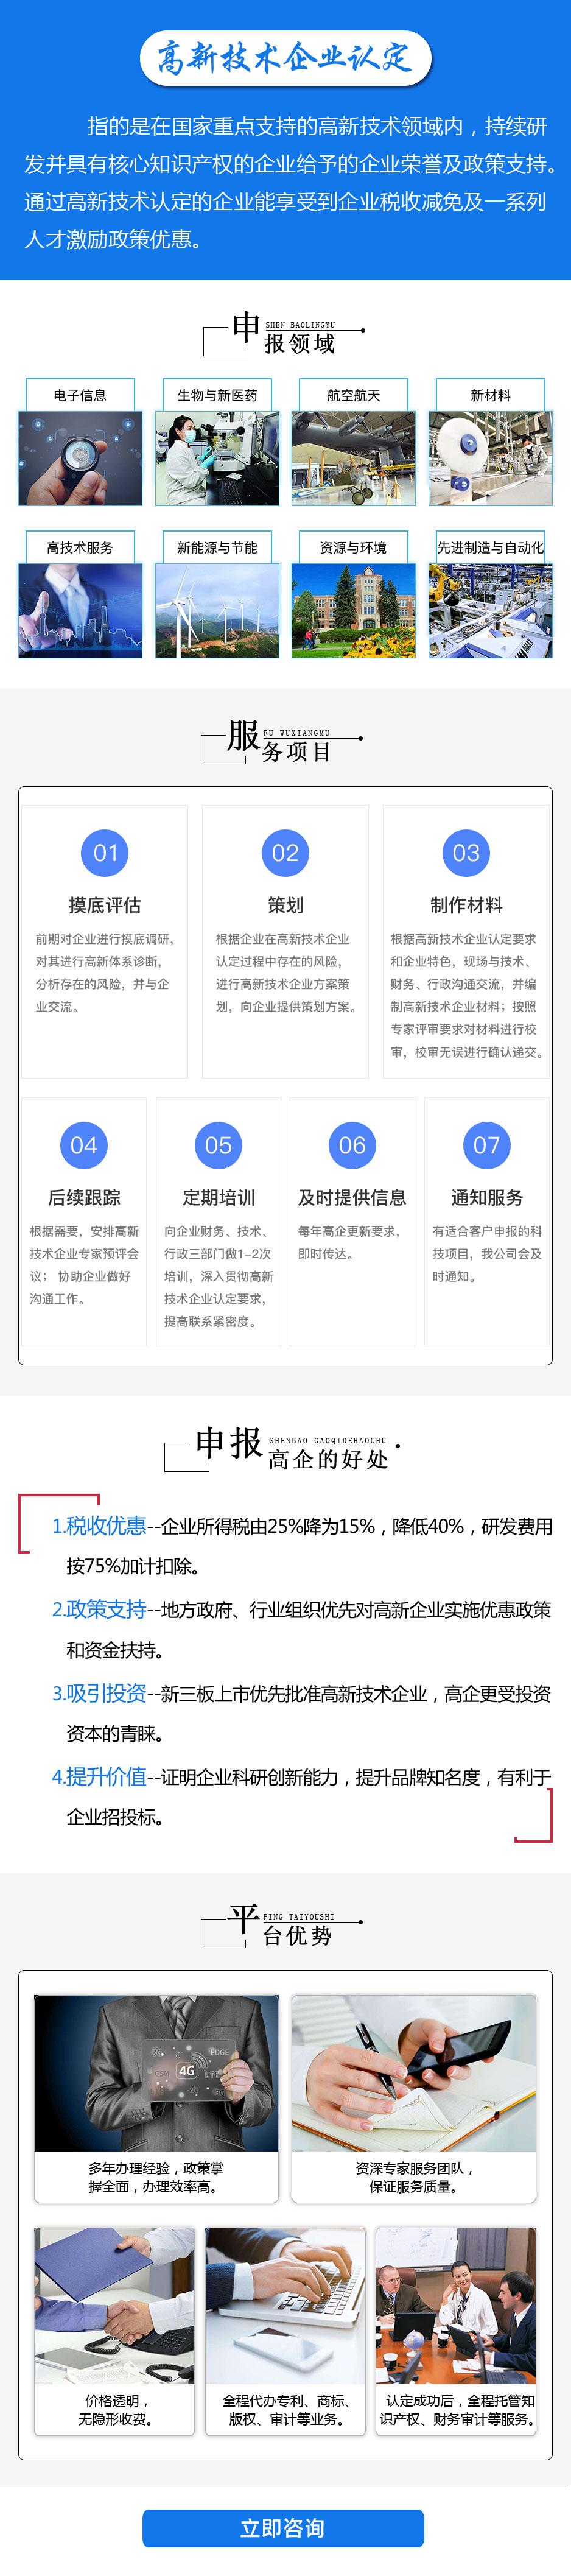 高新企业认定详情页.jpg